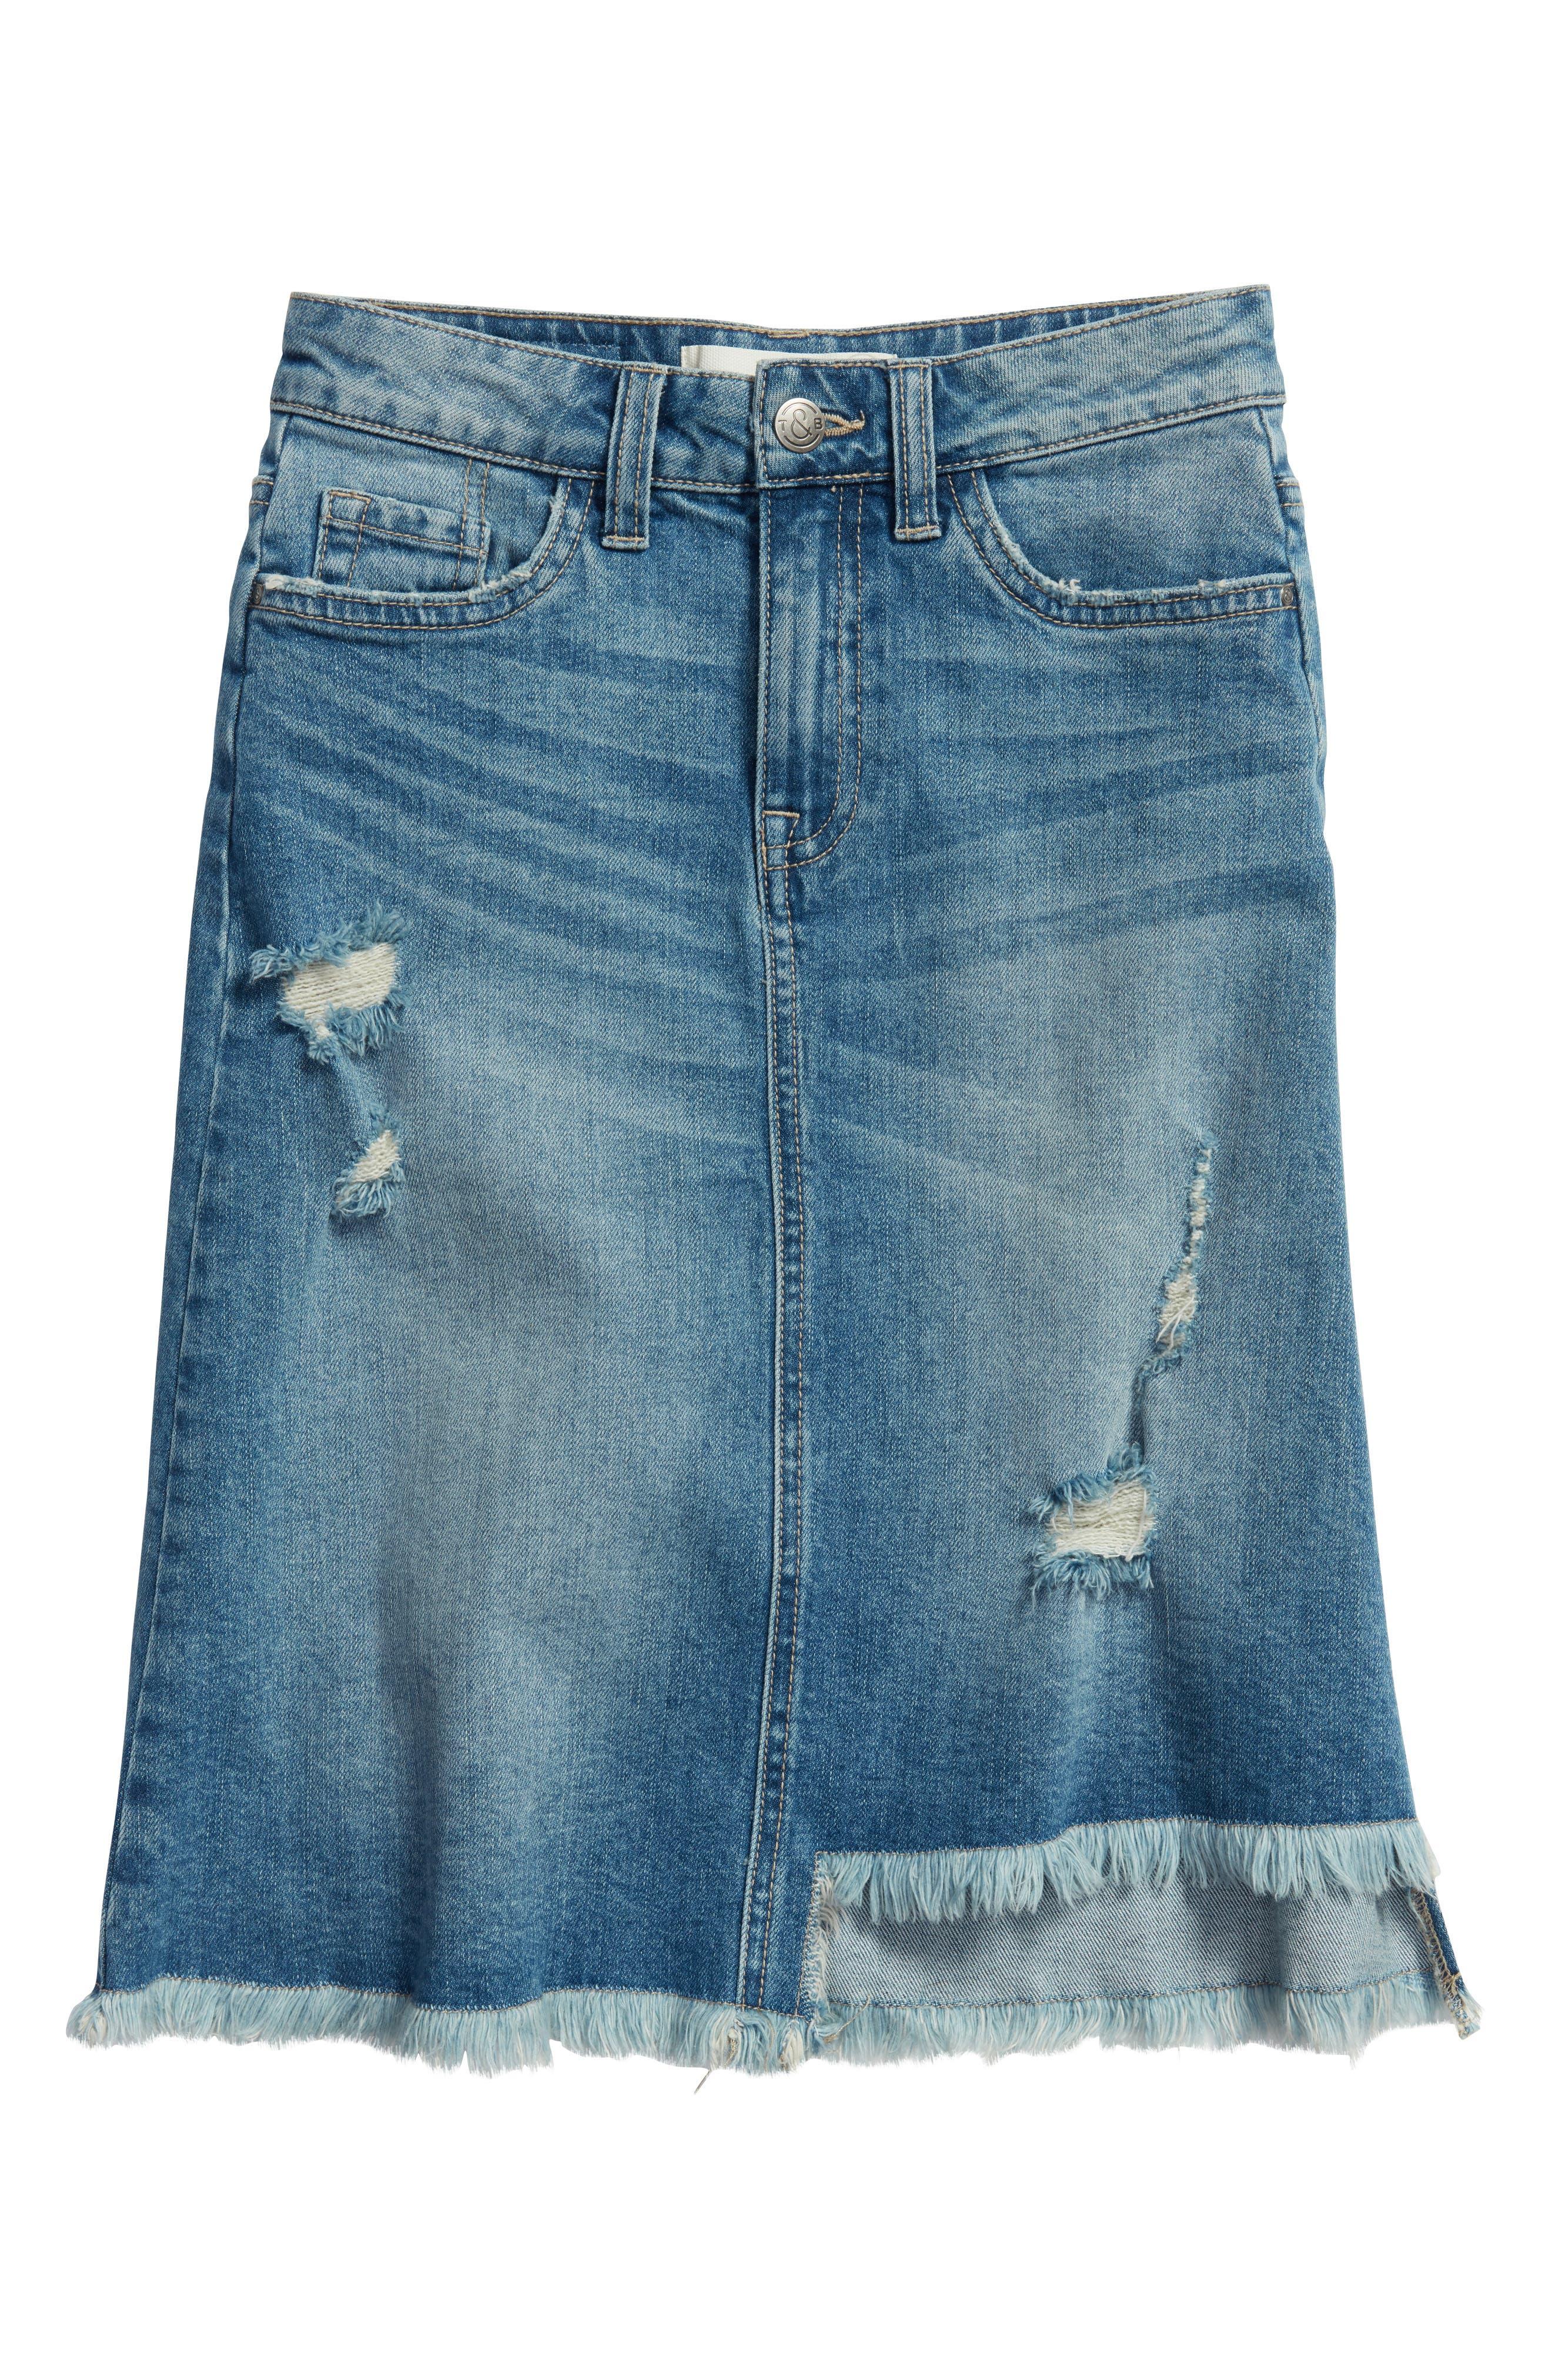 Step Hem Denim Skirt,                         Main,                         color, HIDEAWAY WASH